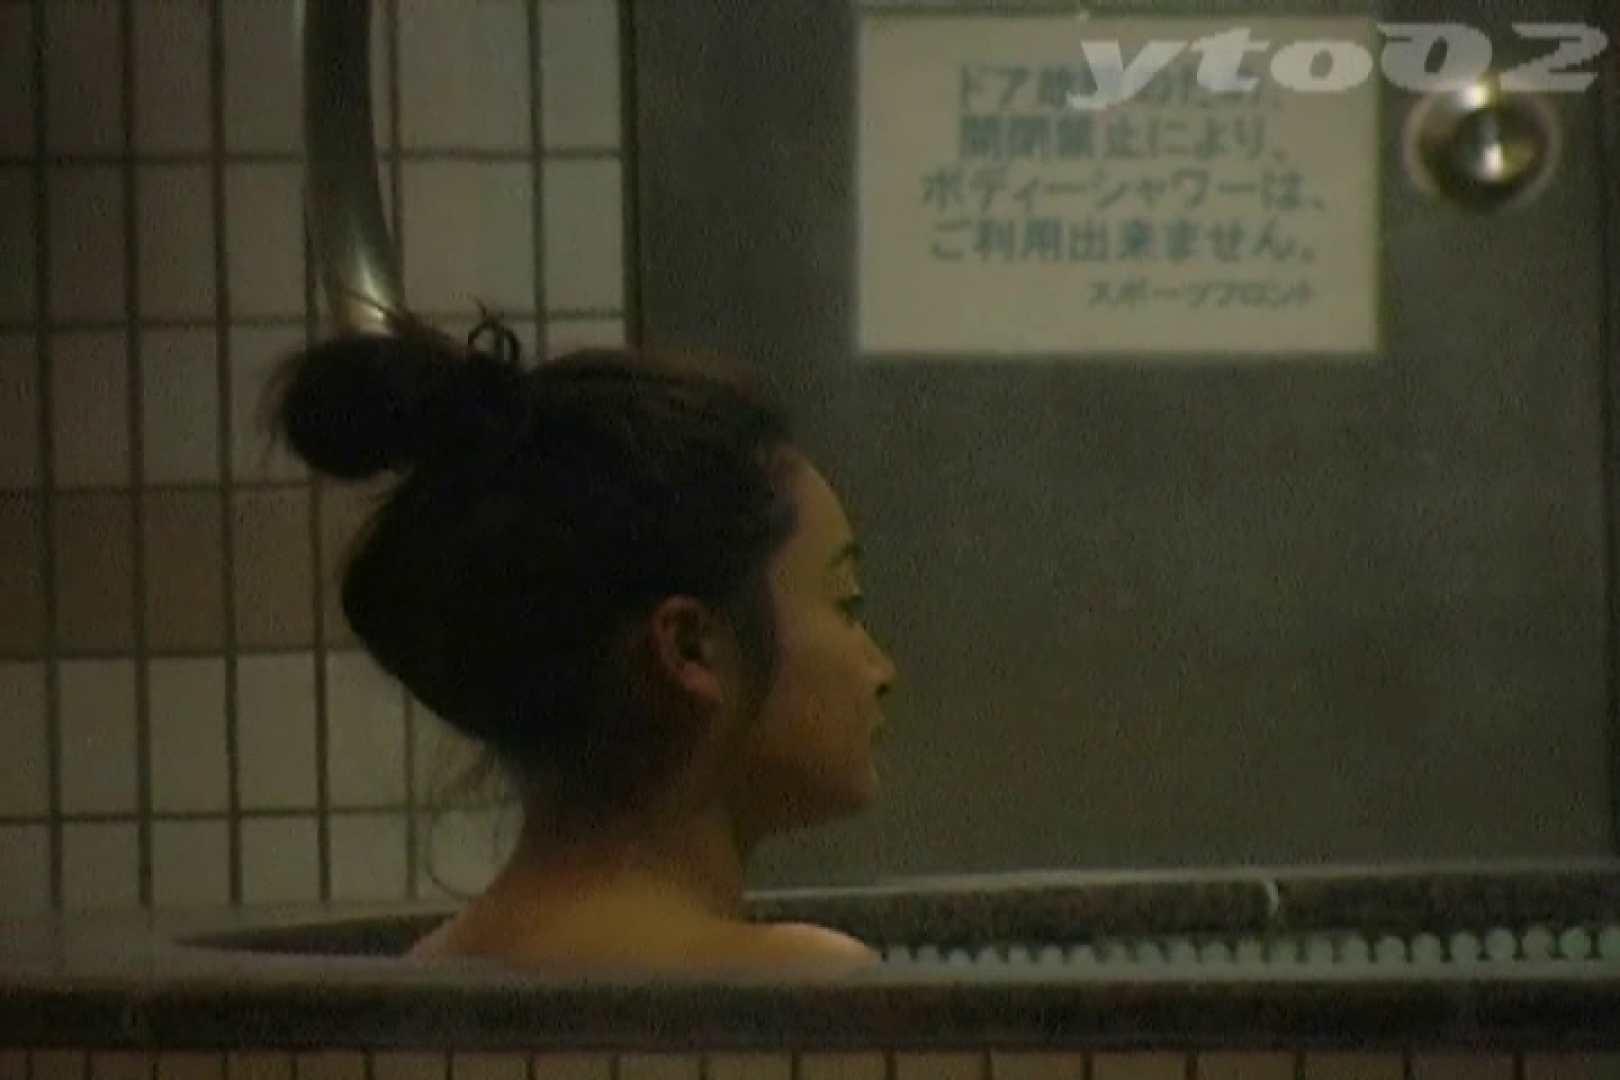 ▲復活限定▲合宿ホテル女風呂盗撮 Vol.11 OLの実態 隠し撮りセックス画像 75pic 72